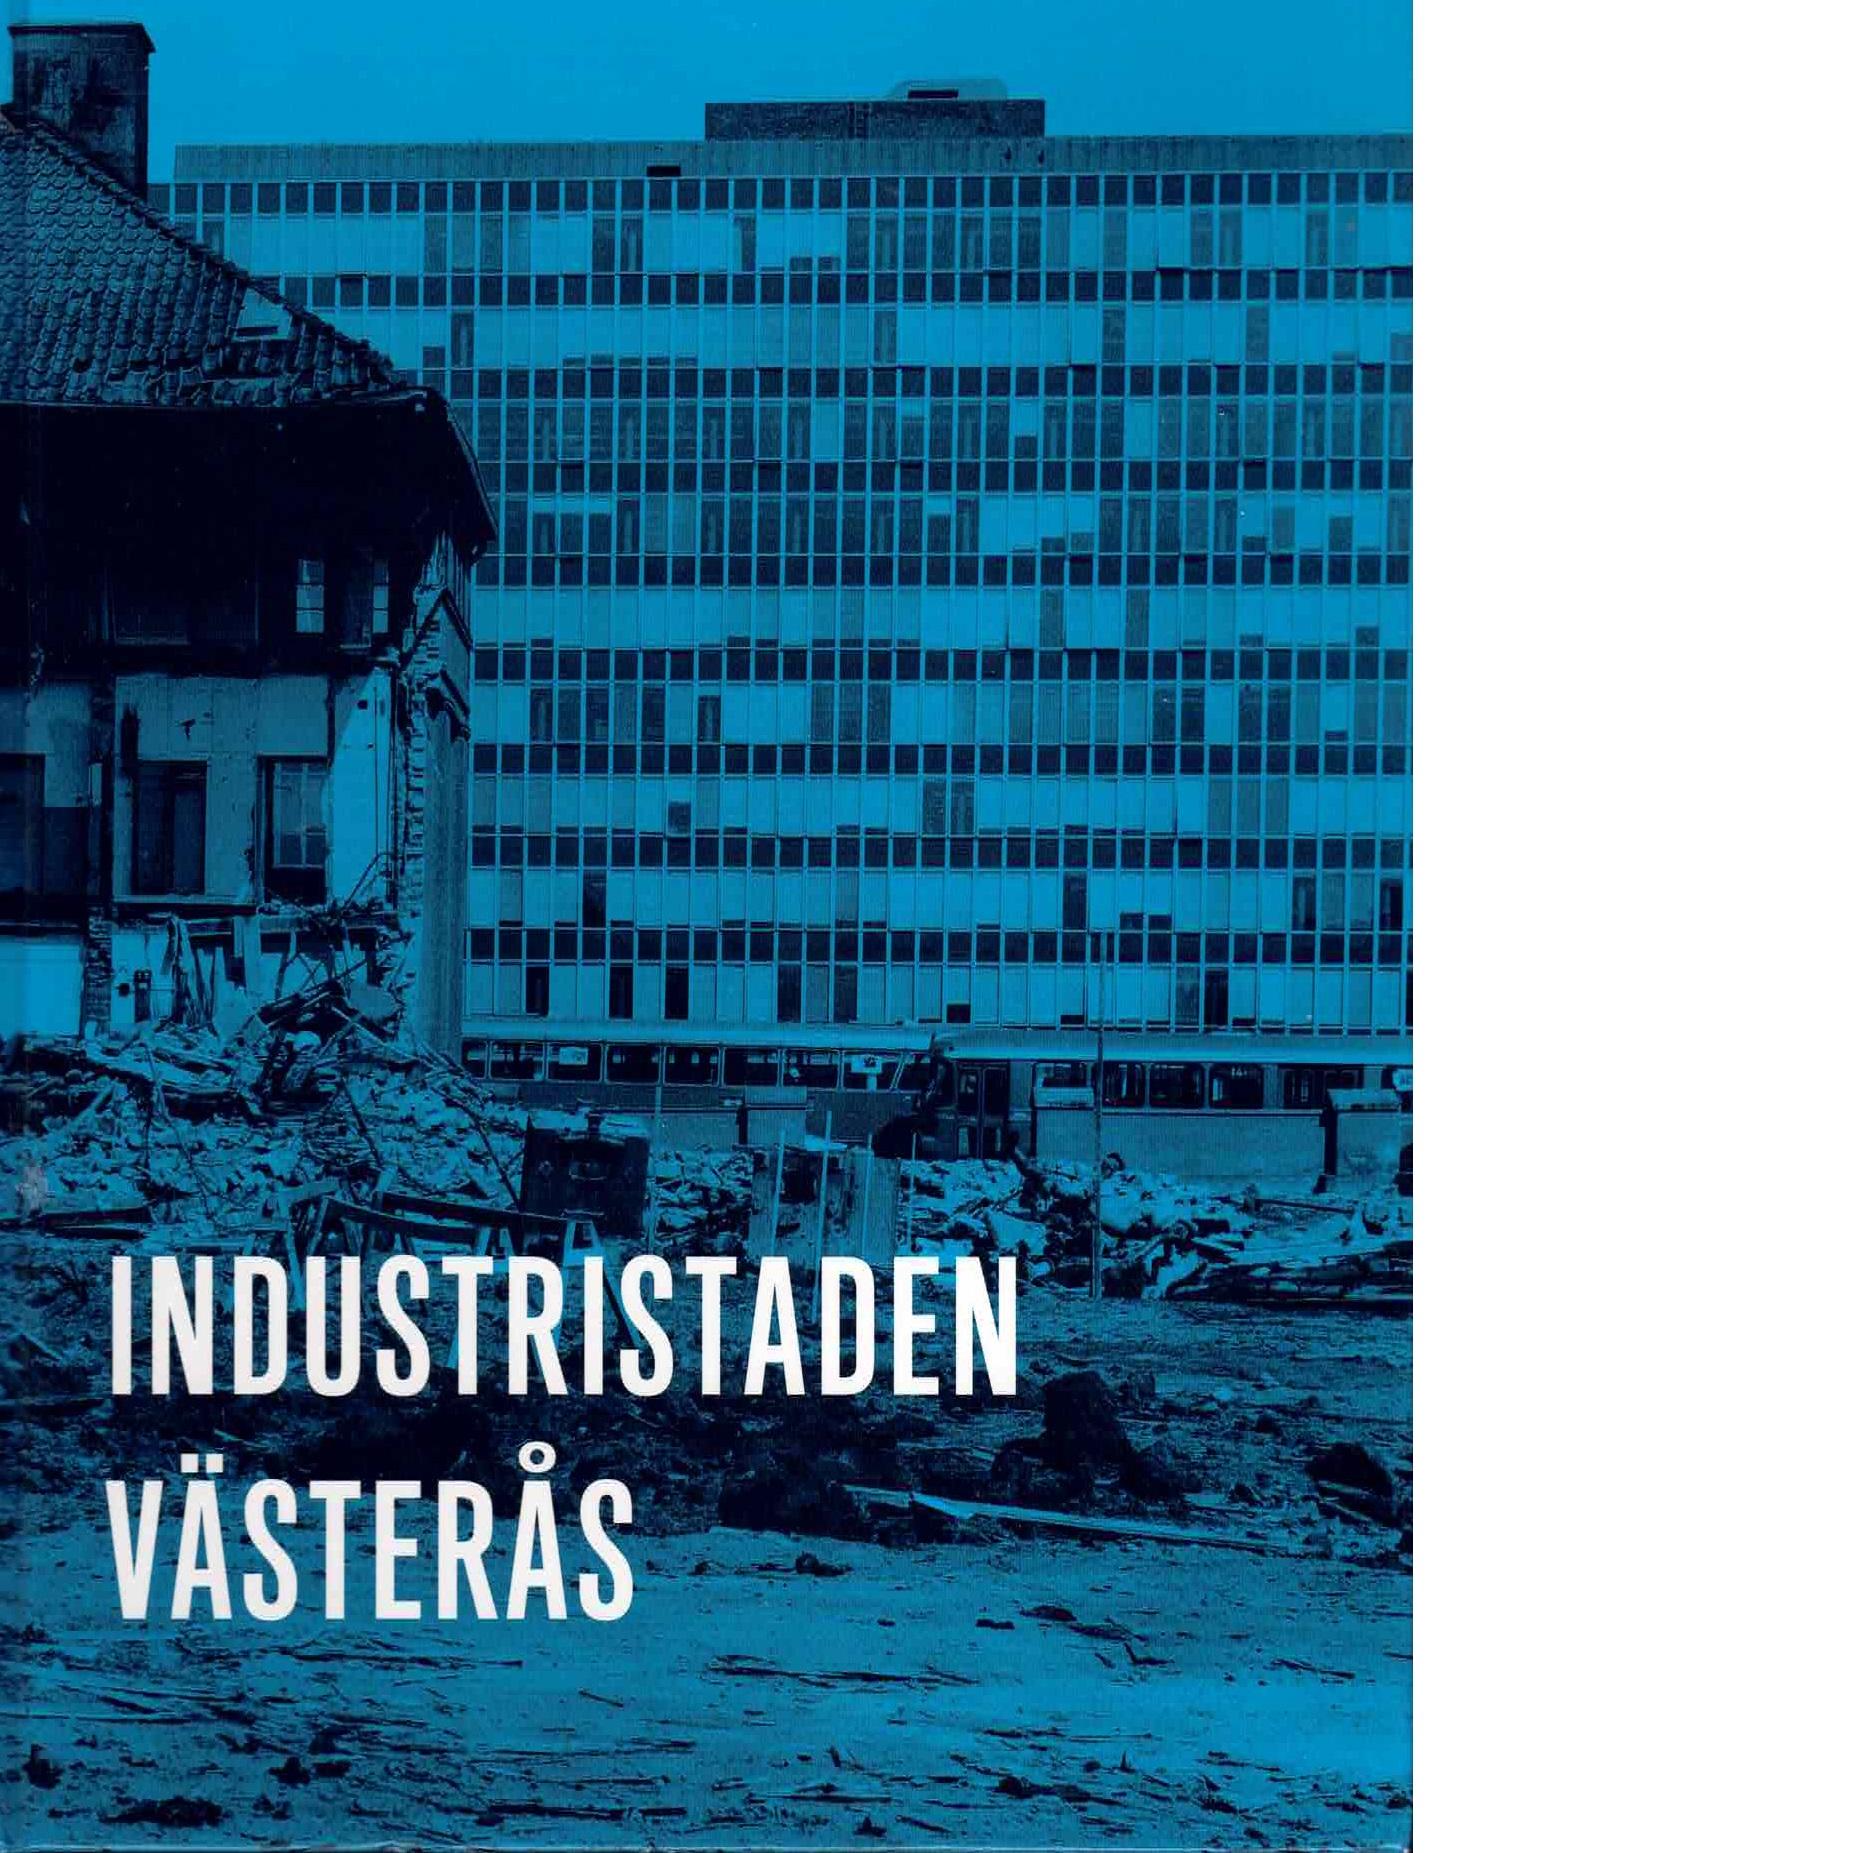 Industristaden Västerås - Red.